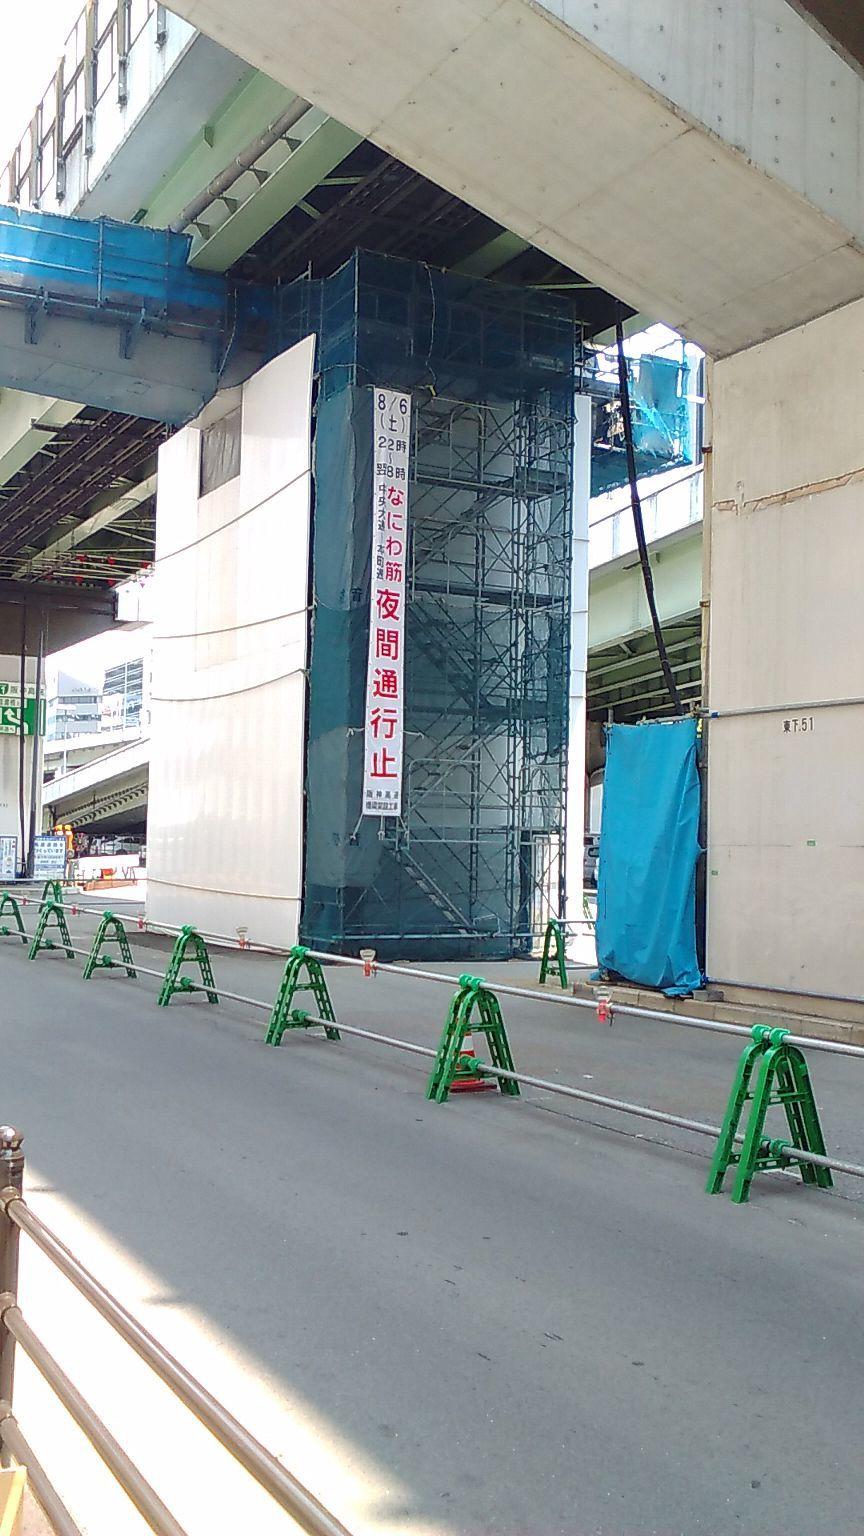 2016年8月6日 なにわ筋を止めて鋼桁架設工事実施_c0340867_19193163.jpg